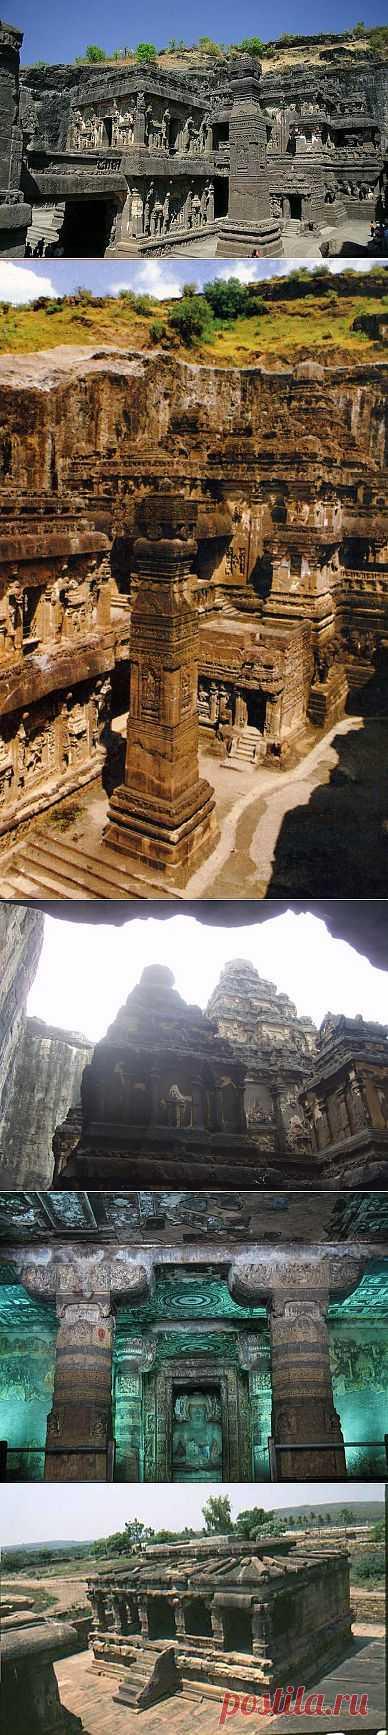 (+1) тема - Пещерные храмы Индии | ТУРИЗМ И ОТДЫХ